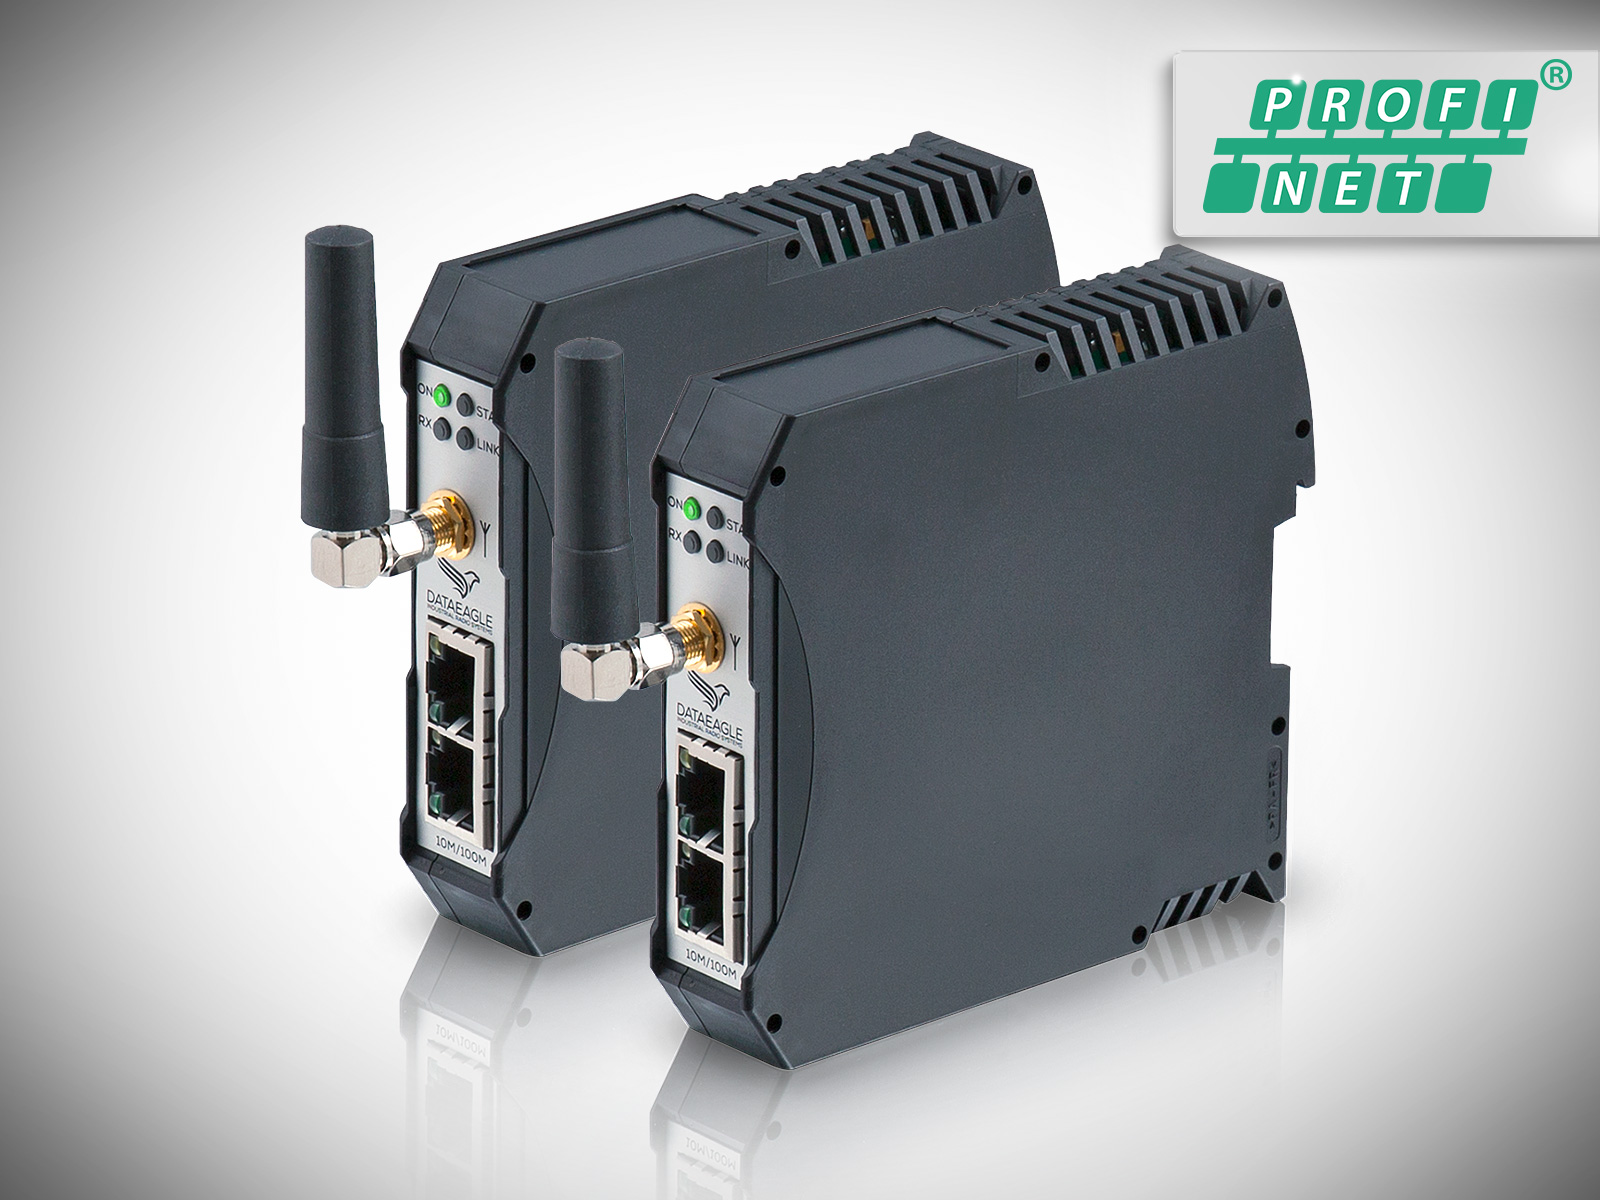 DATAEAGLE 4000 Compact • Wireless PROFINET • Datenfunkmodem für die kabellose Datenübertragung von PROFINET